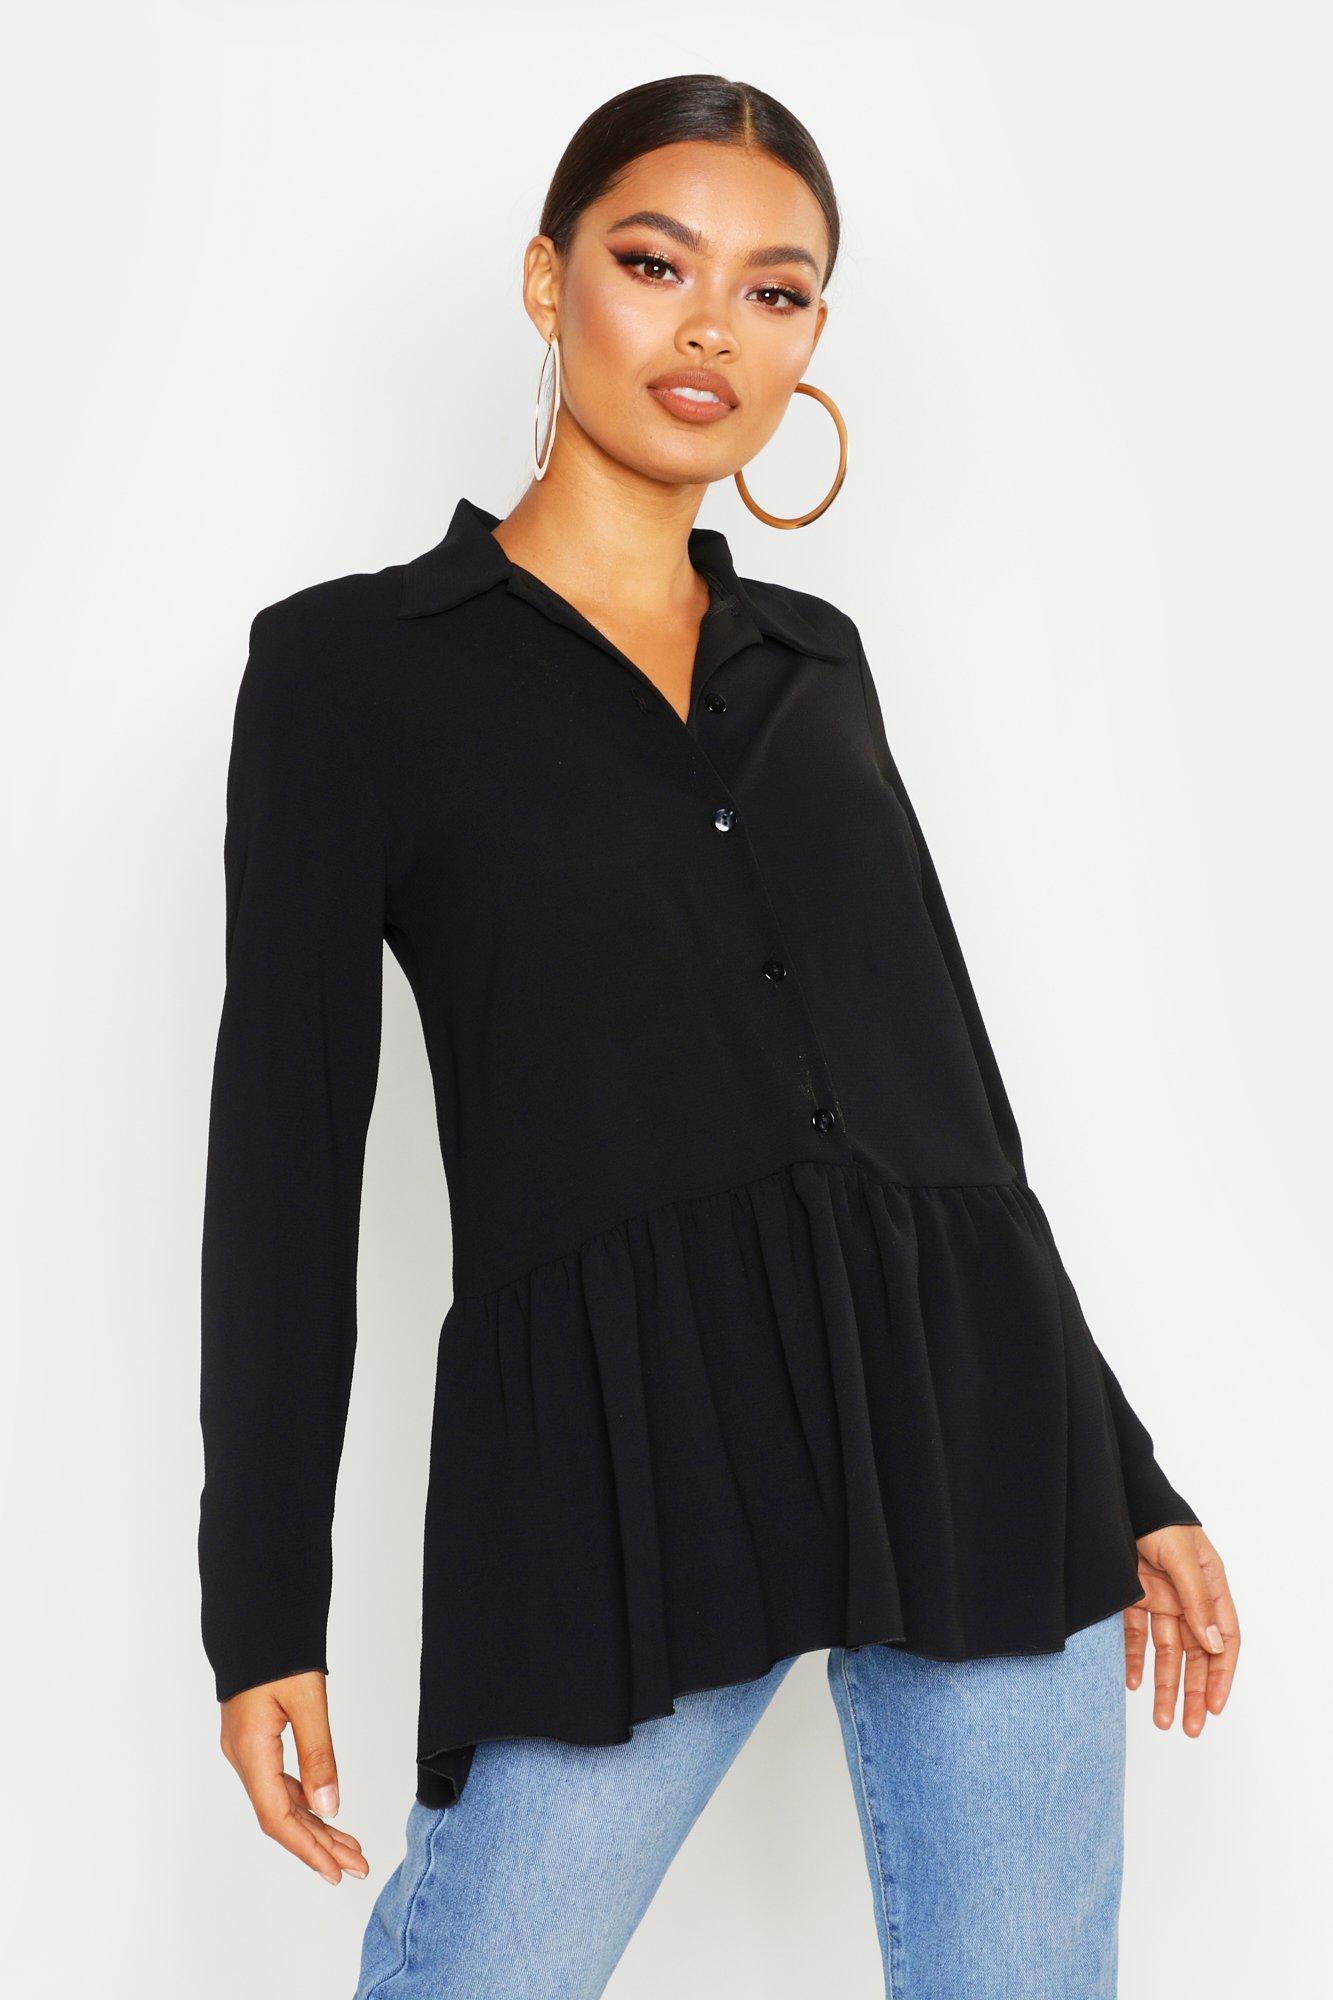 Womens Bluse mit kurzen Flügelärmeln und gerüschtem Kragen - schwarz - 32, Schwarz - Boohoo.com